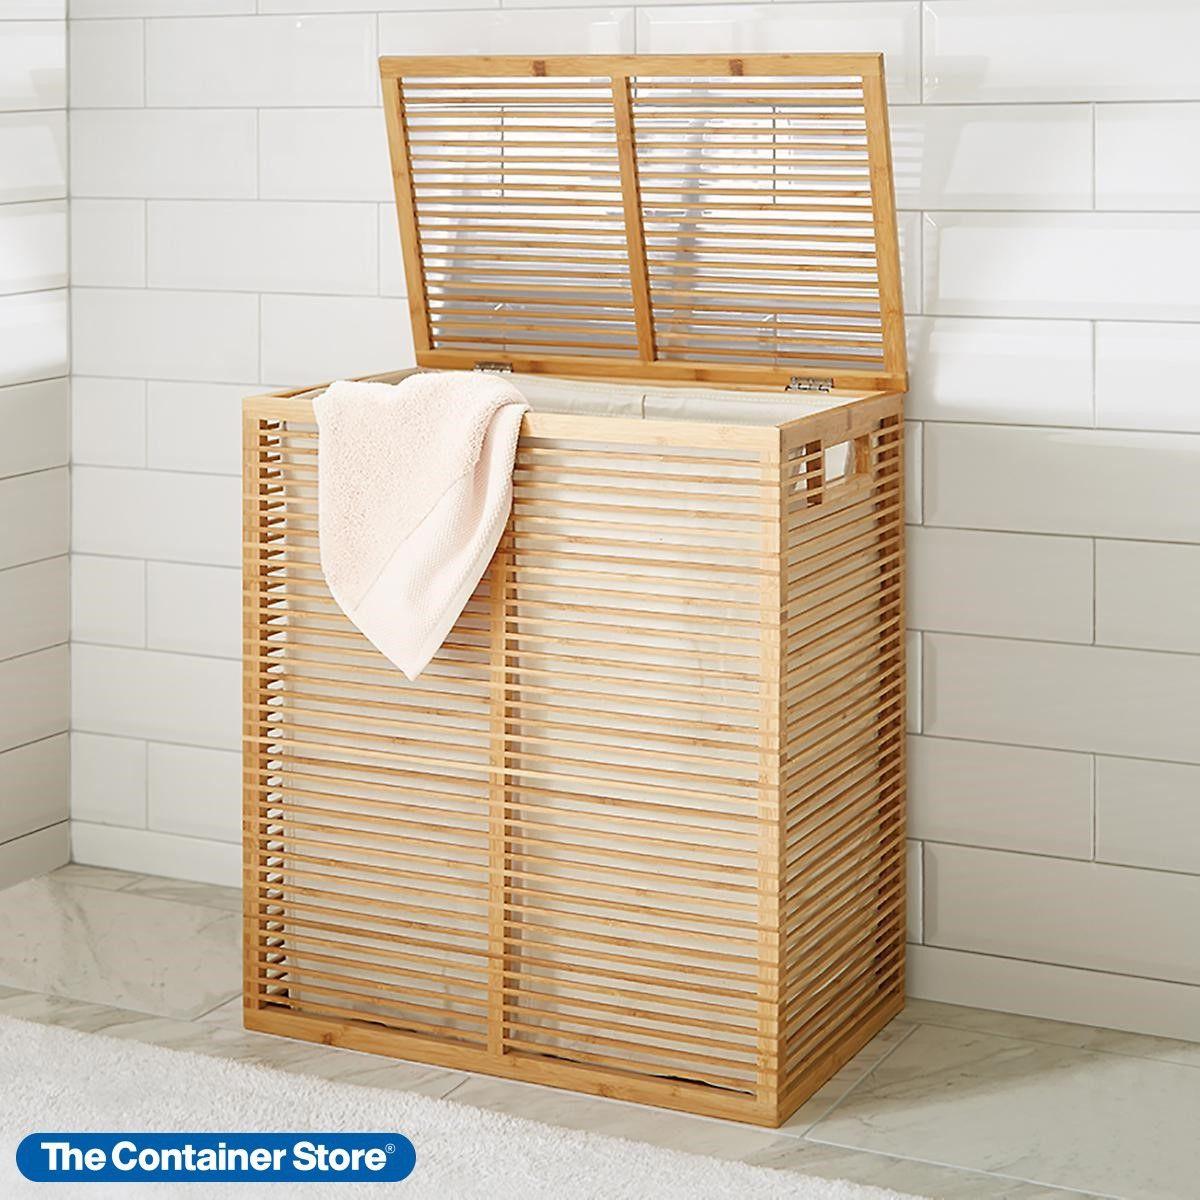 Zen Divided Bamboo Hamper In 2020 Laundry Hamper Vintage